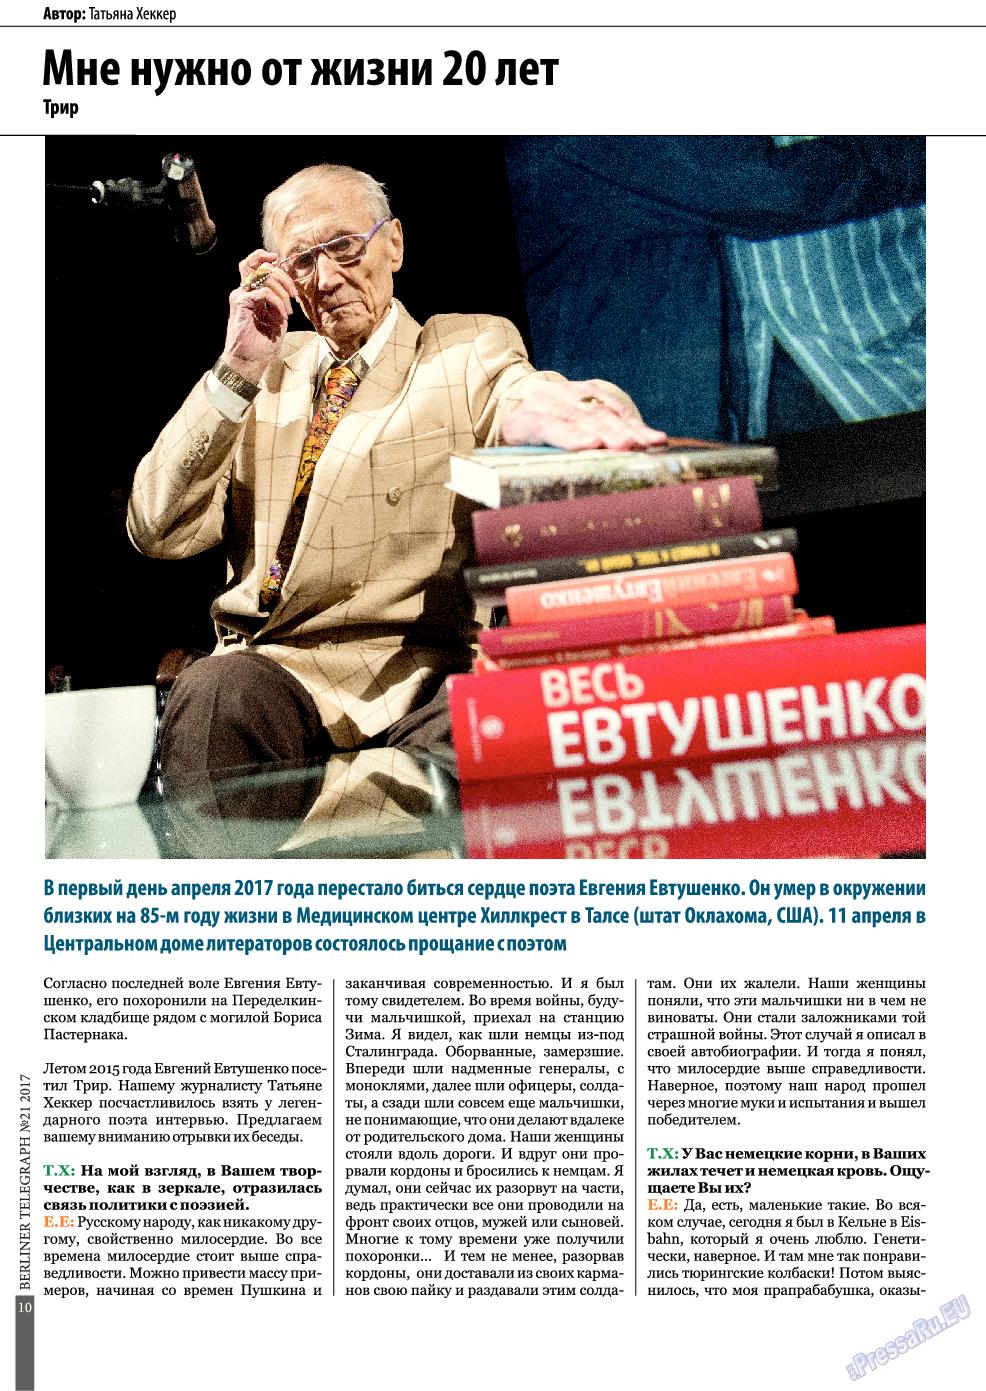 Берлинский телеграф (журнал). 2017 год, номер 21, стр. 10